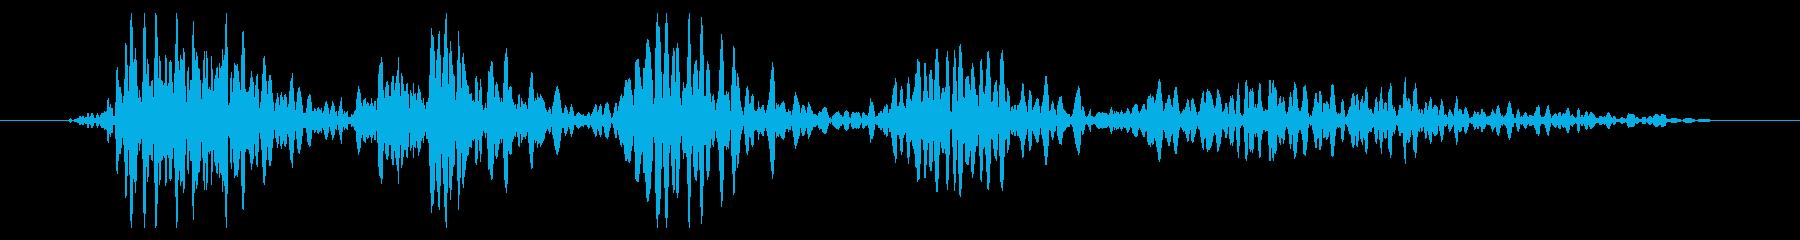 ワーム モンスター ゲーム 勝利時の再生済みの波形